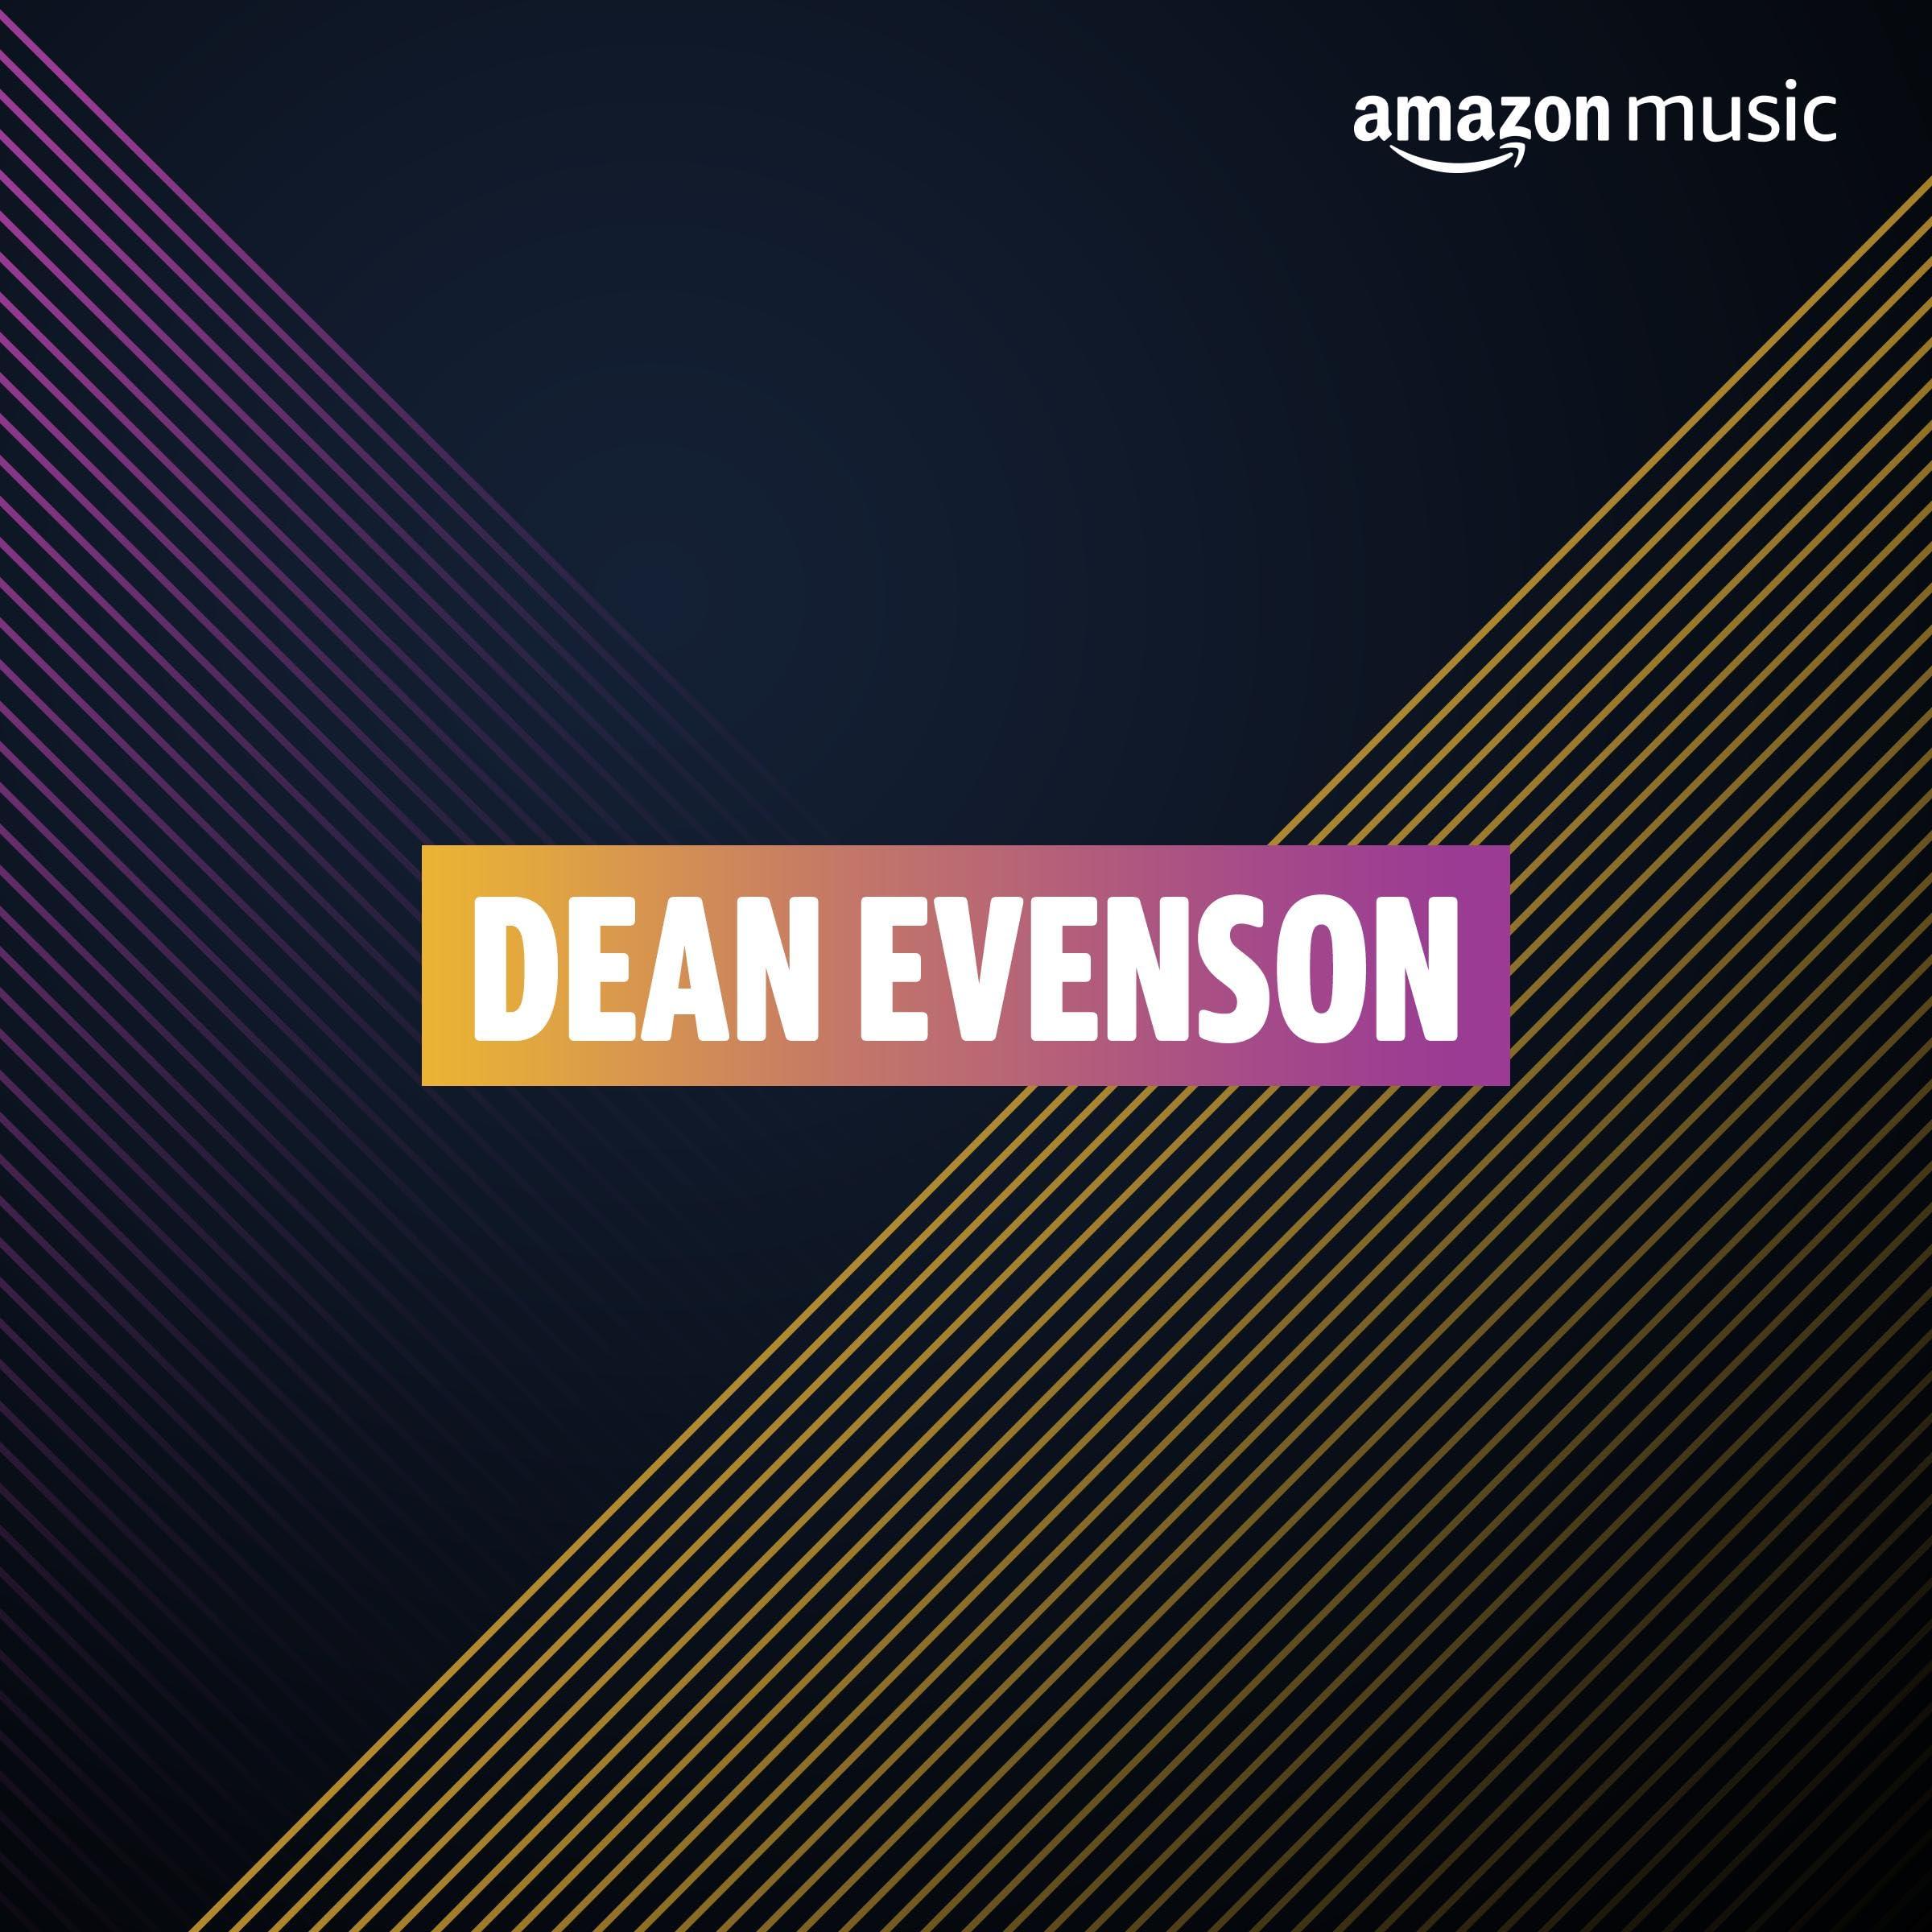 Dean Evenson